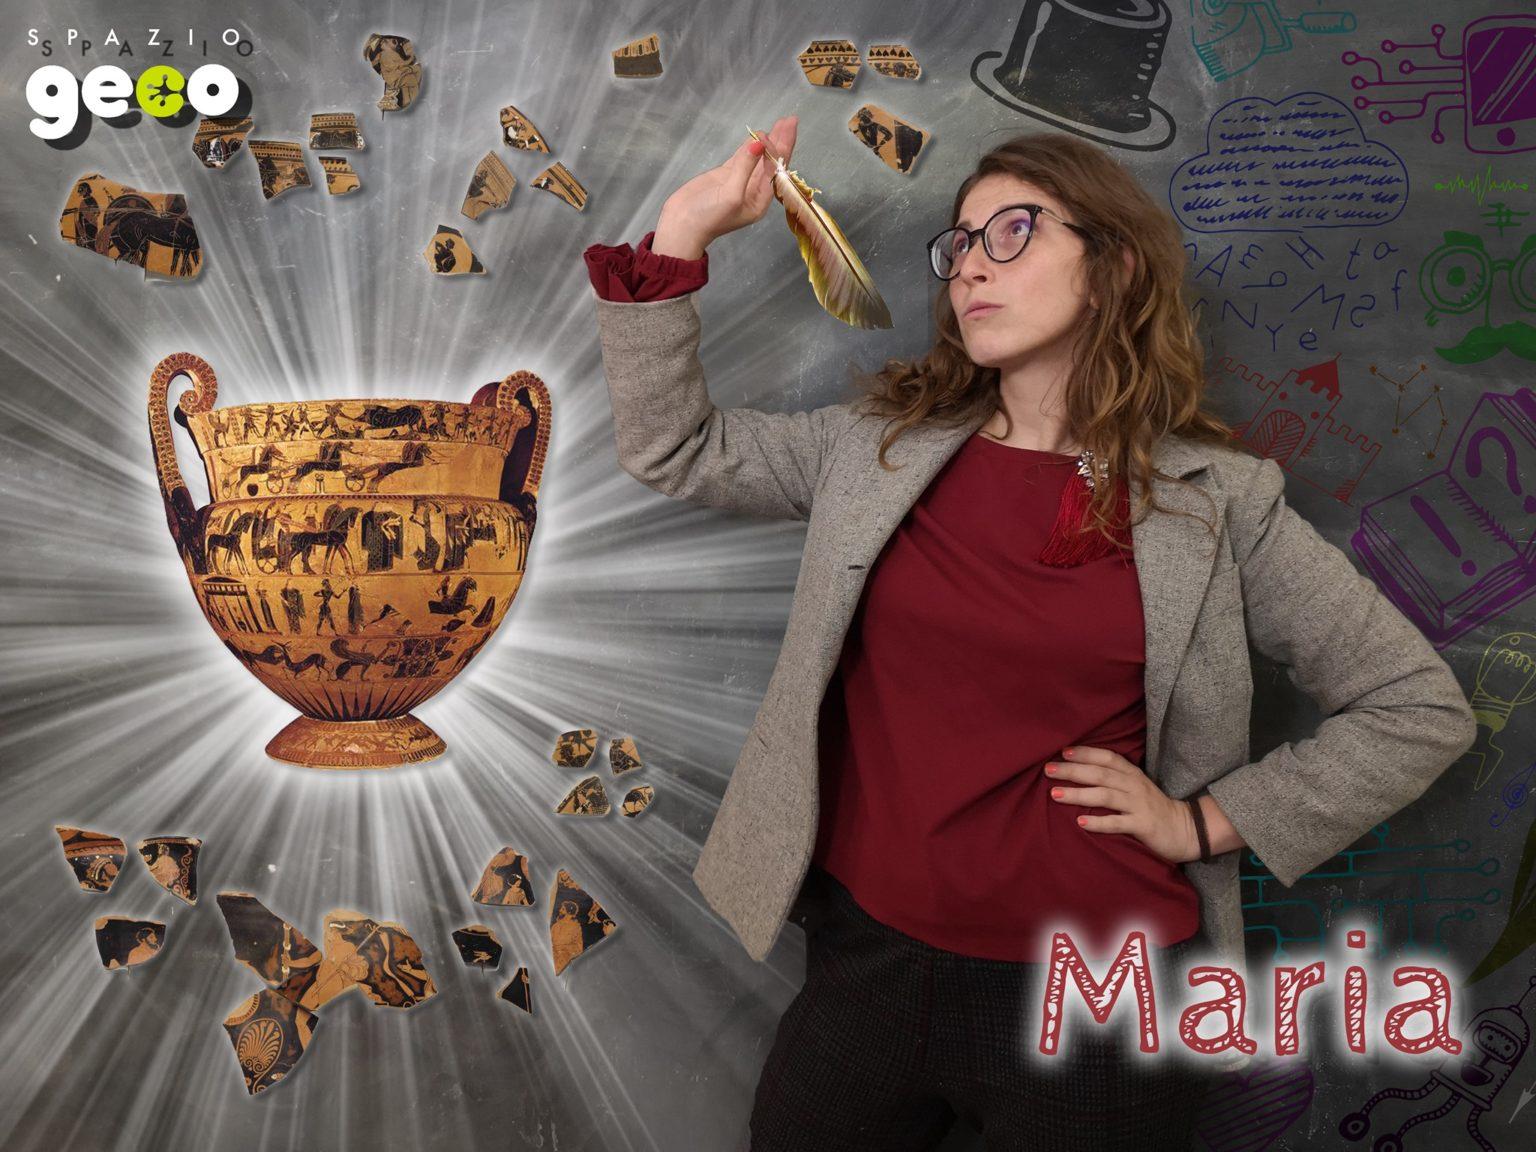 Maria Spazio Geco